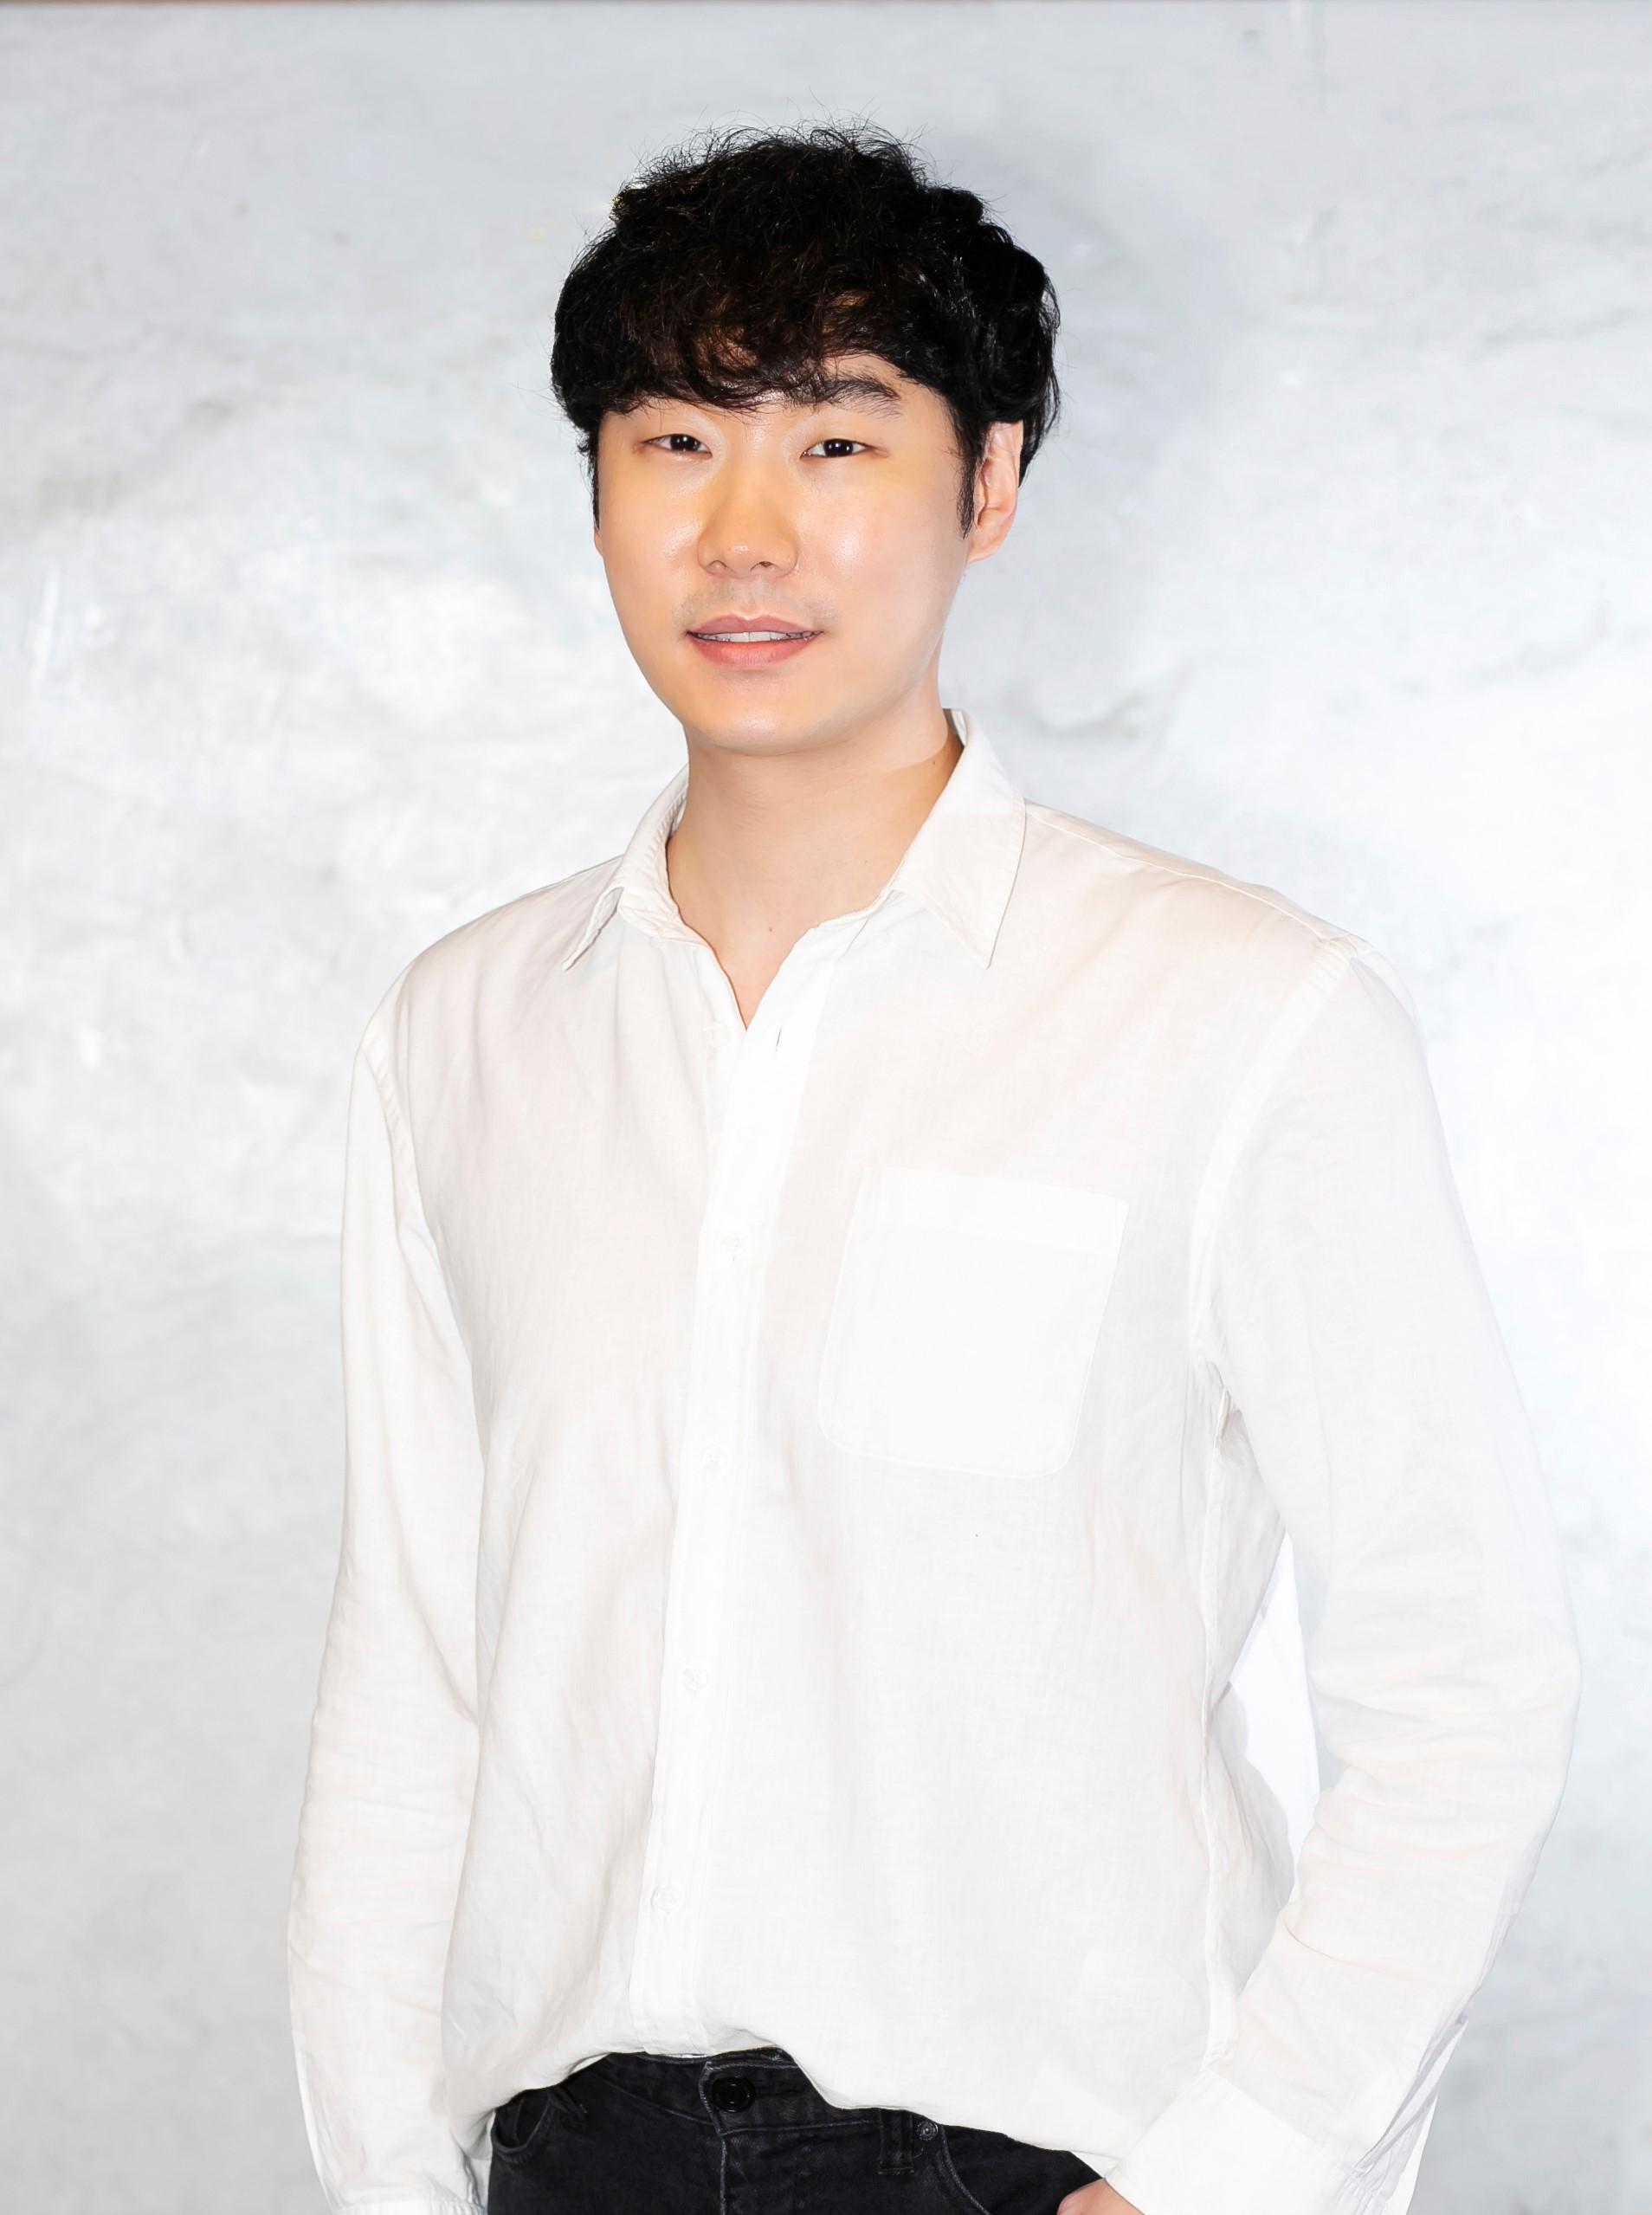 본스타 - 연기원(연기학원) | 음악원(보컬학원) 본스타트레이닝센터 - 신길식 강사